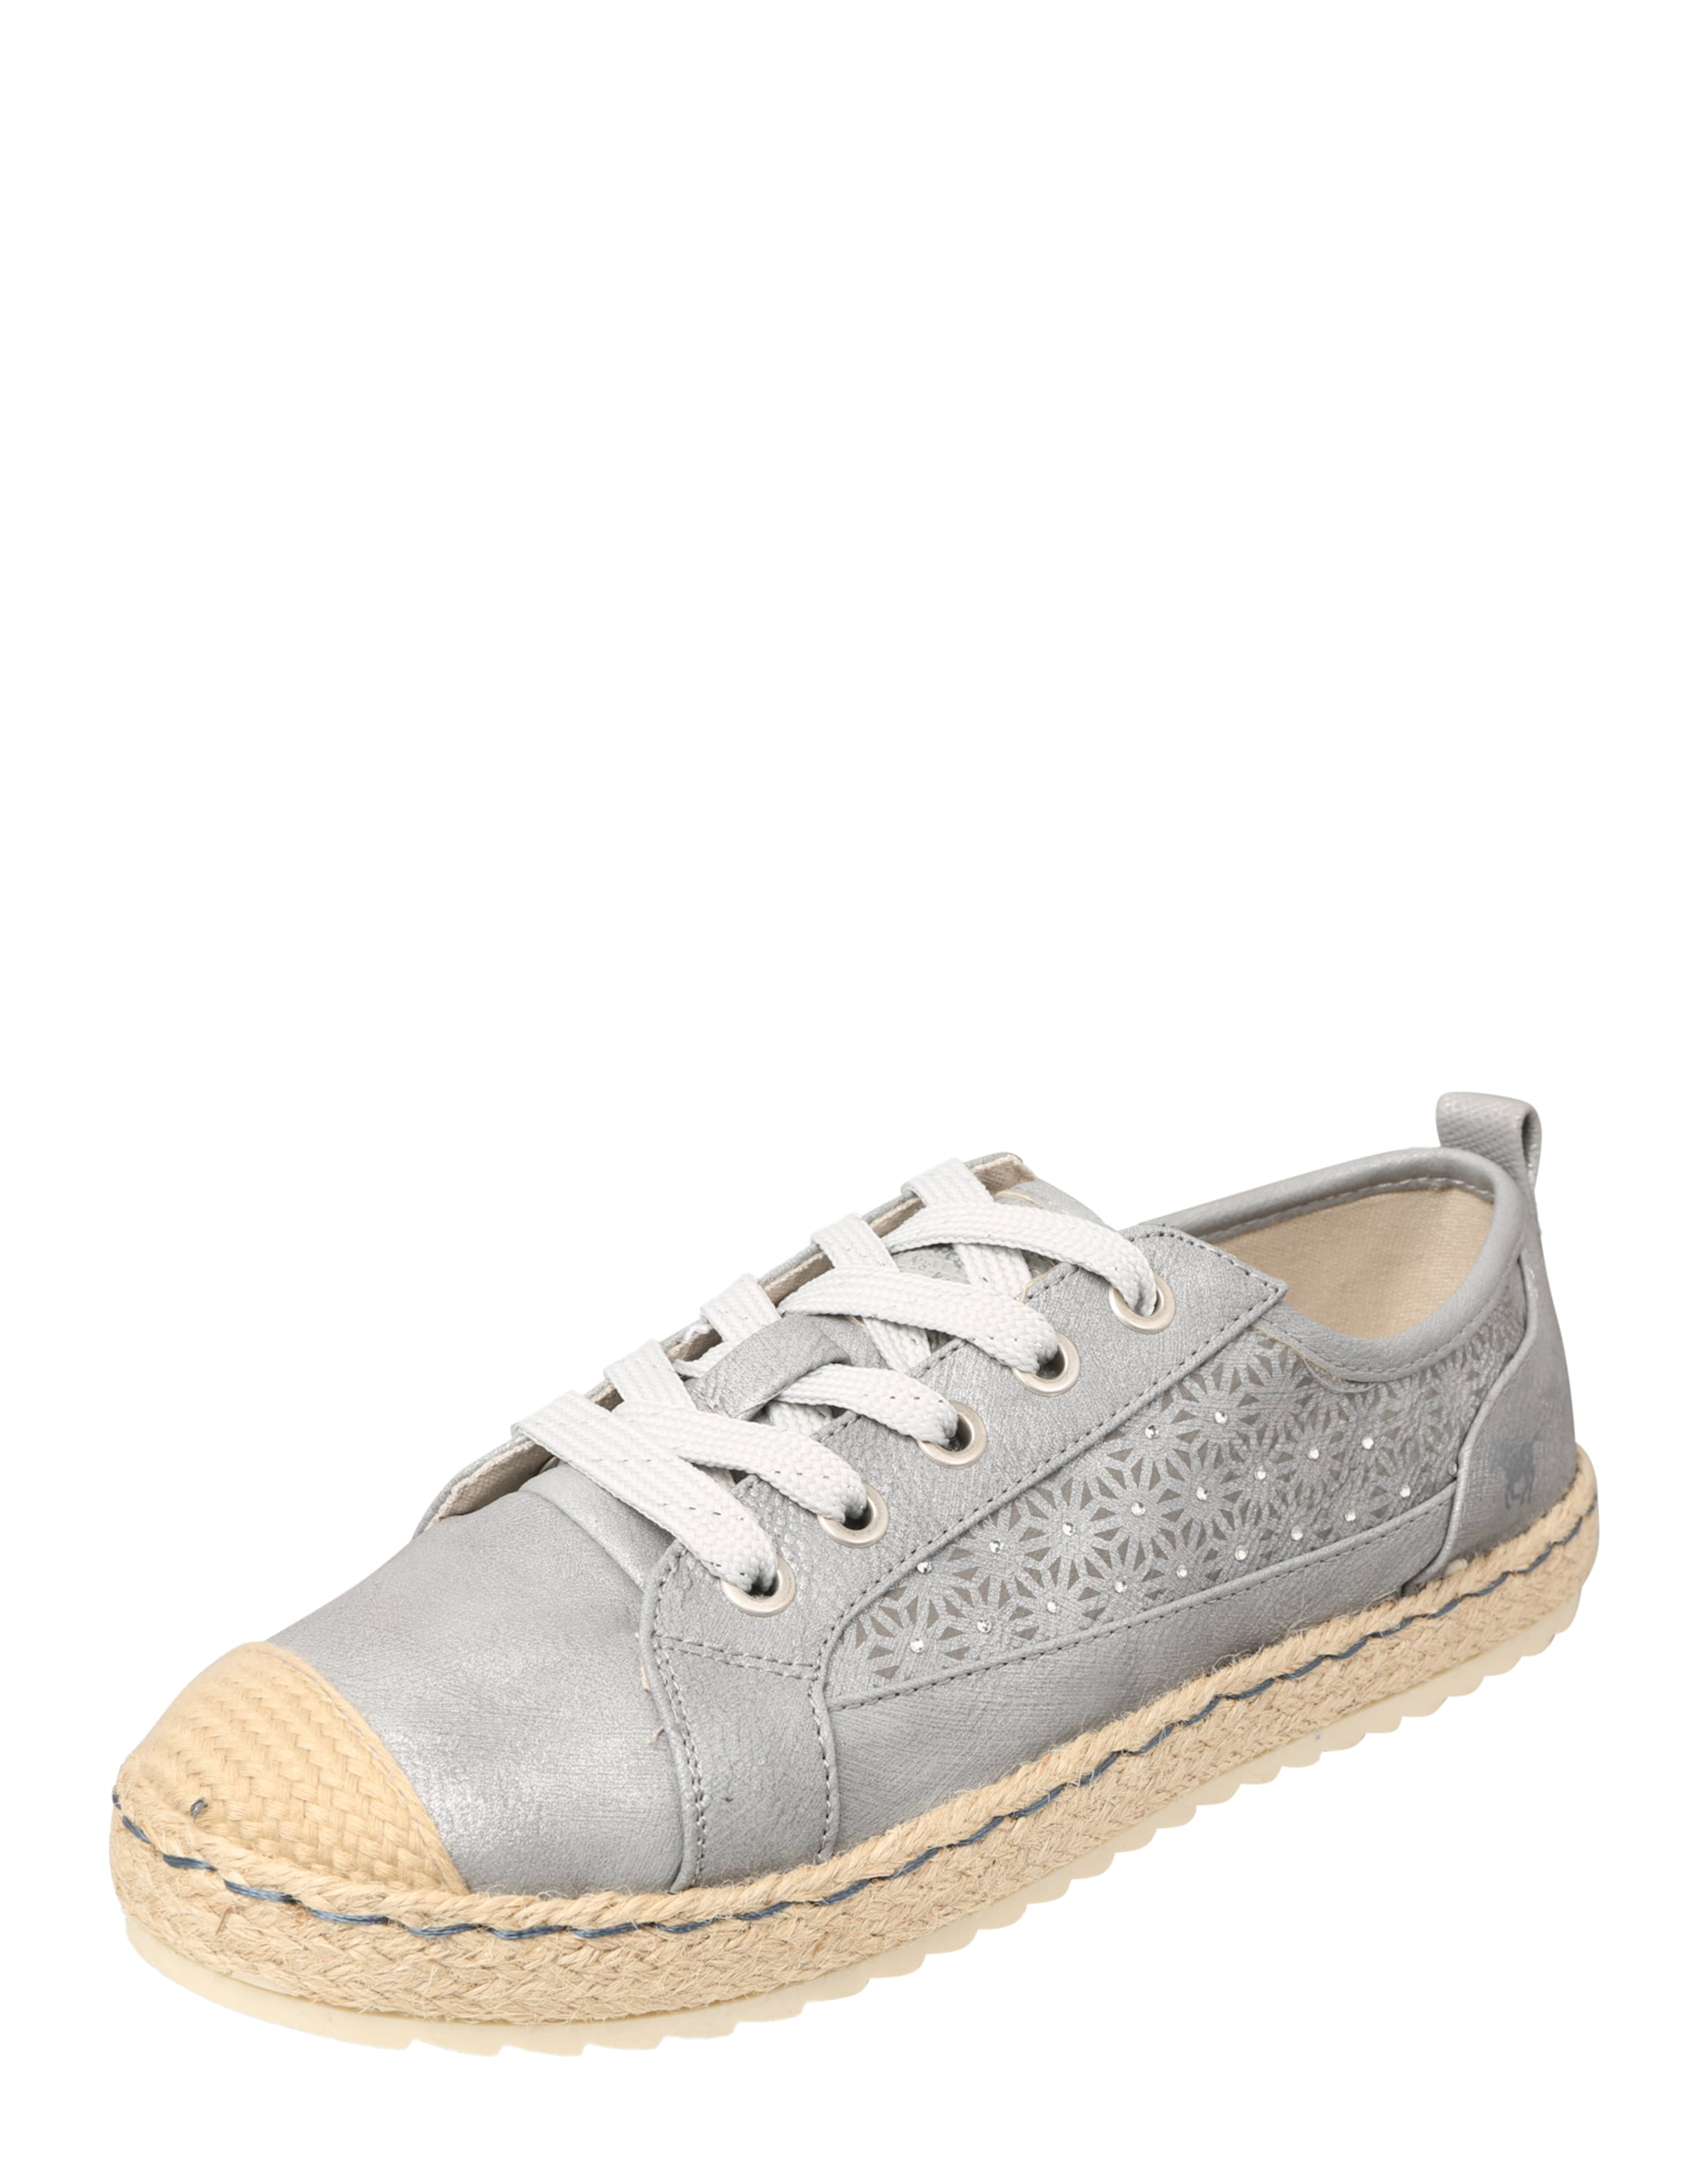 MUSTANG Espadrille zum Schnüren Günstige und langlebige Schuhe